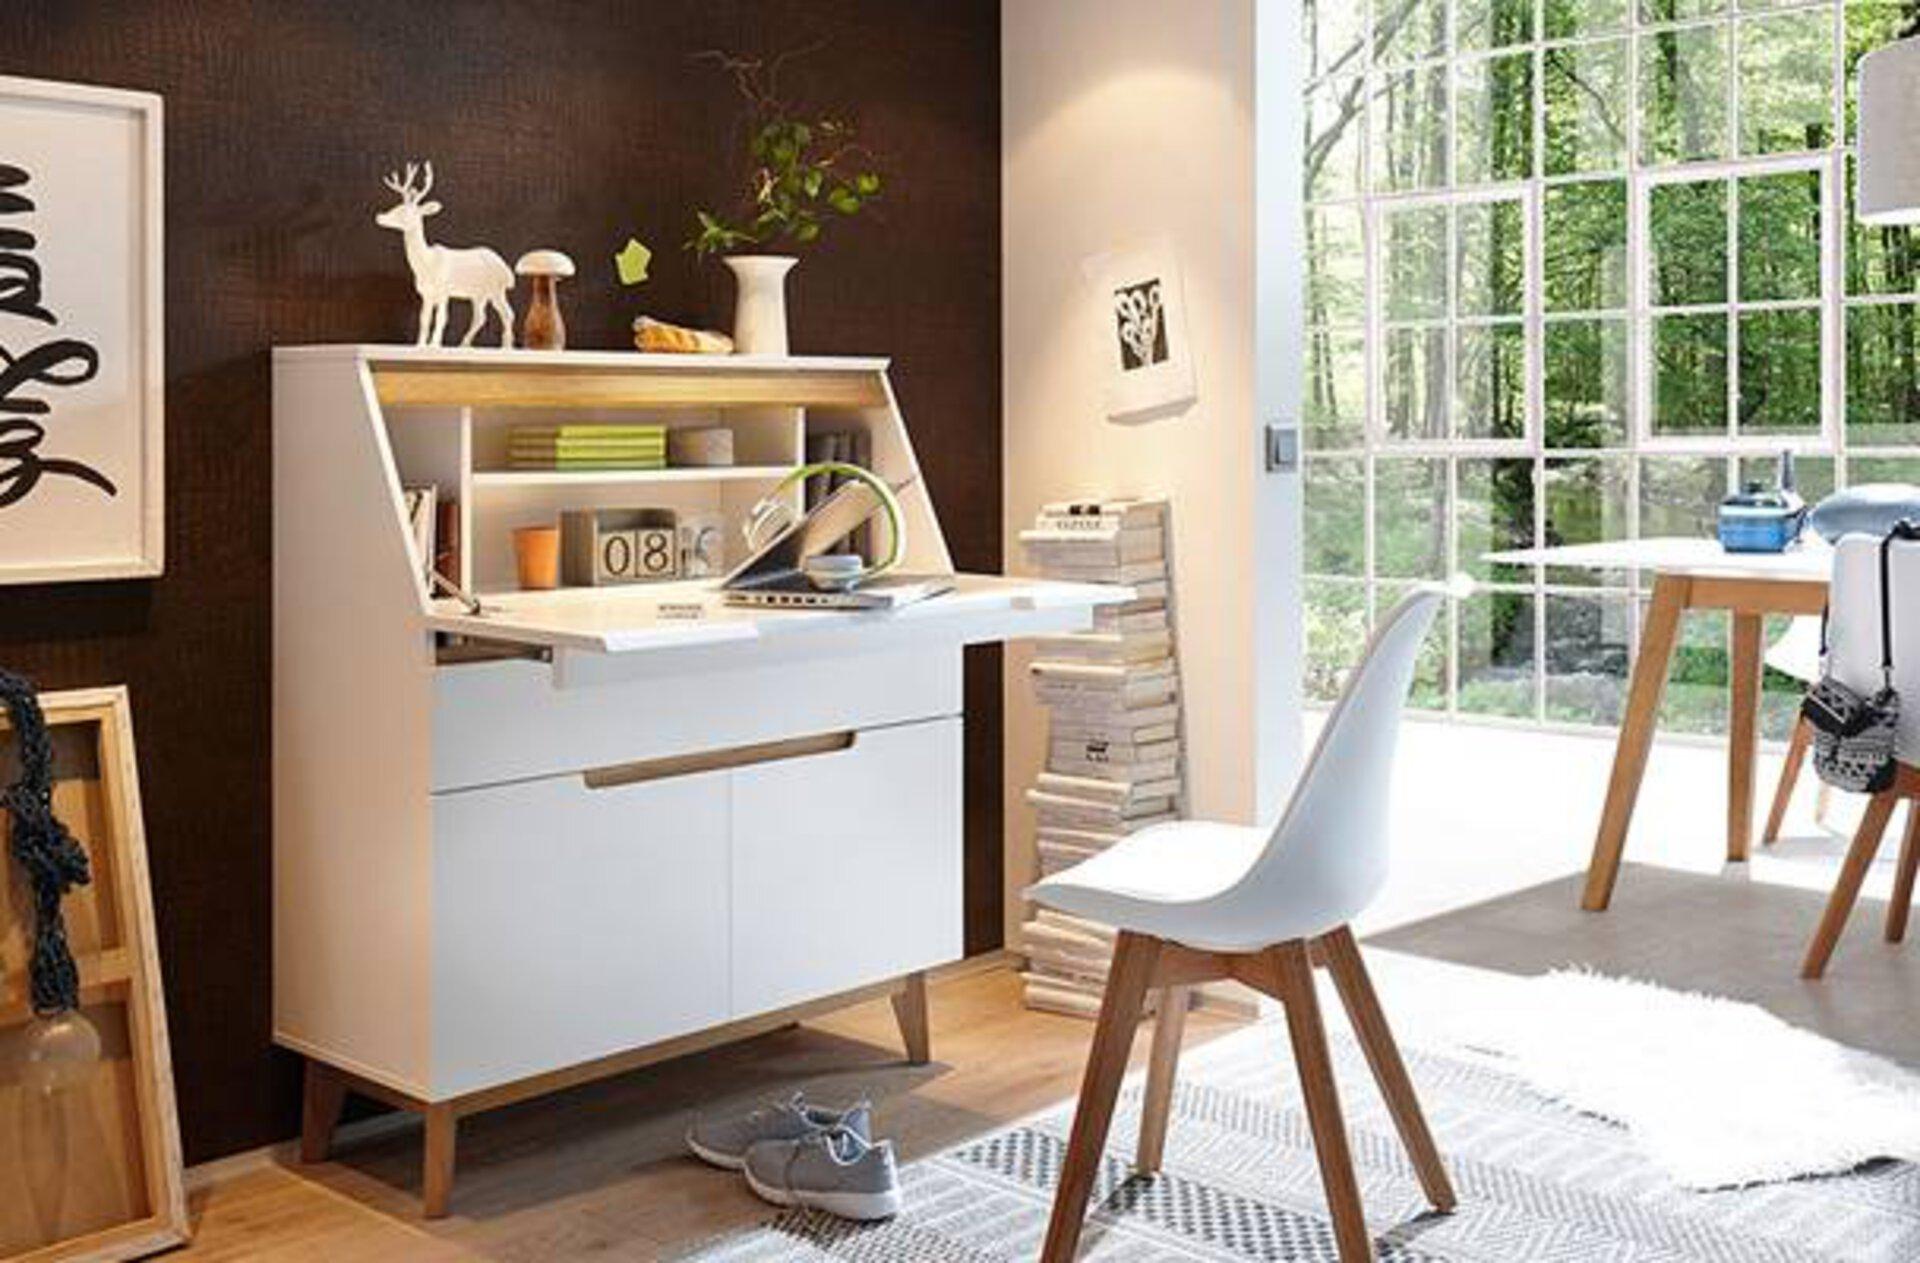 Die trendige Bürokombination im Stil des Microlivings passt in jede Wohnung und jedes WG Zimmer. Geradlinig, clean und zeitlos zeichnet die Möbel dieser Stilrichtung aus